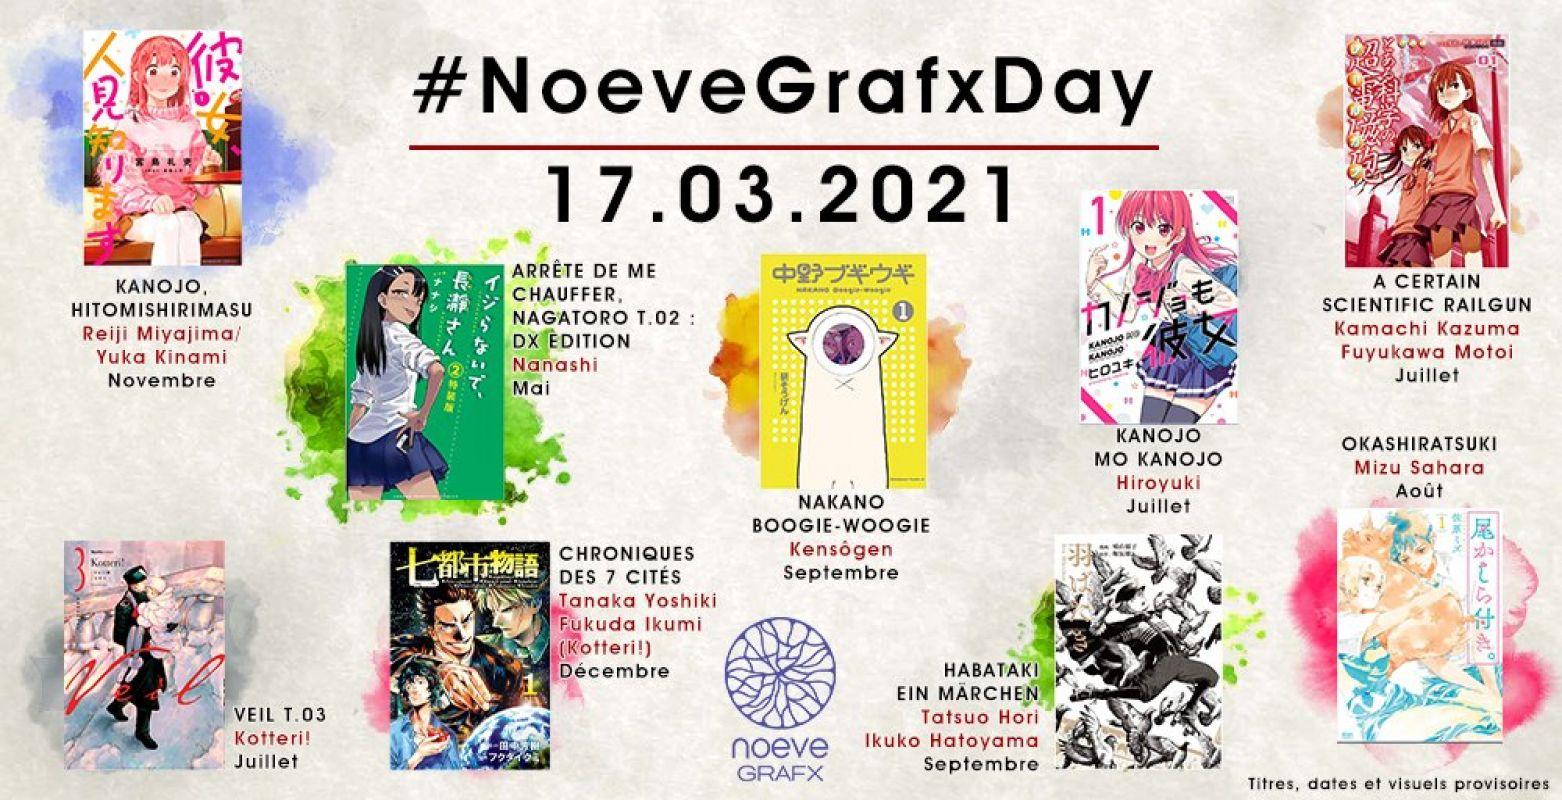 Découvrez les annonces du deuxième Noeve Grafx Day !